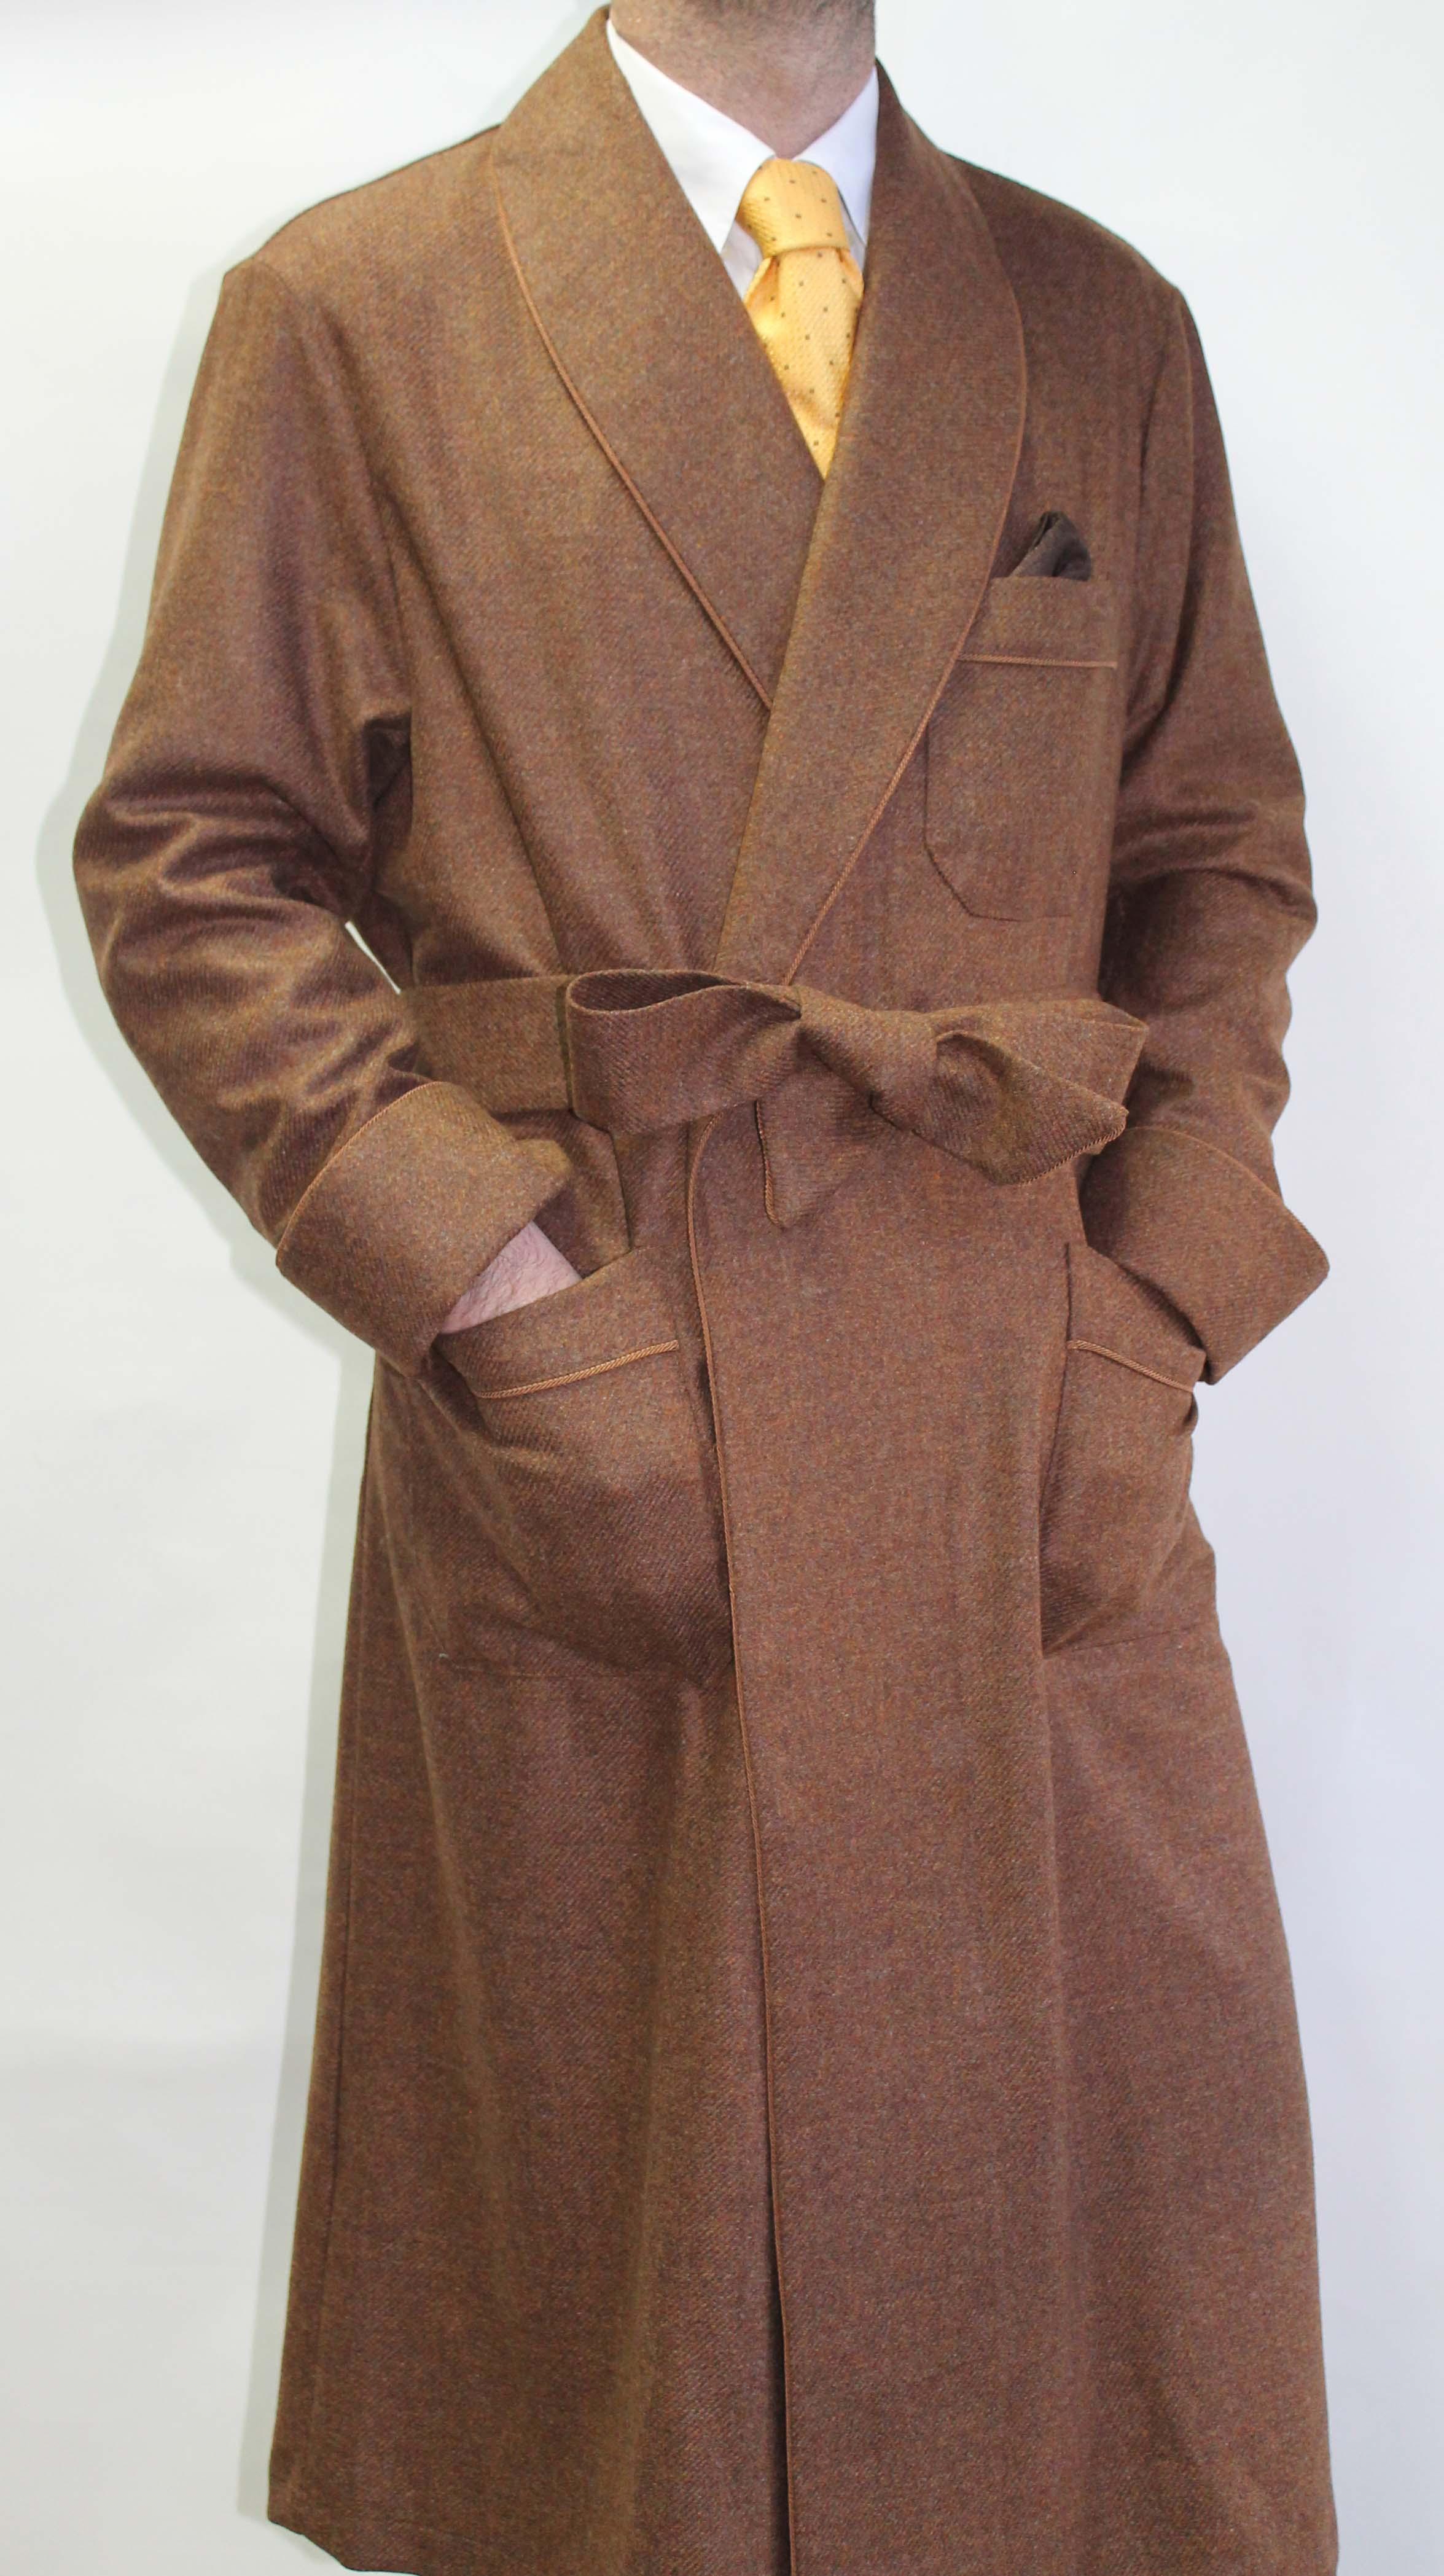 robe de chambre pour homme en 5 cashmere 95 laine peign e avec passepoil et doubl e en soie. Black Bedroom Furniture Sets. Home Design Ideas